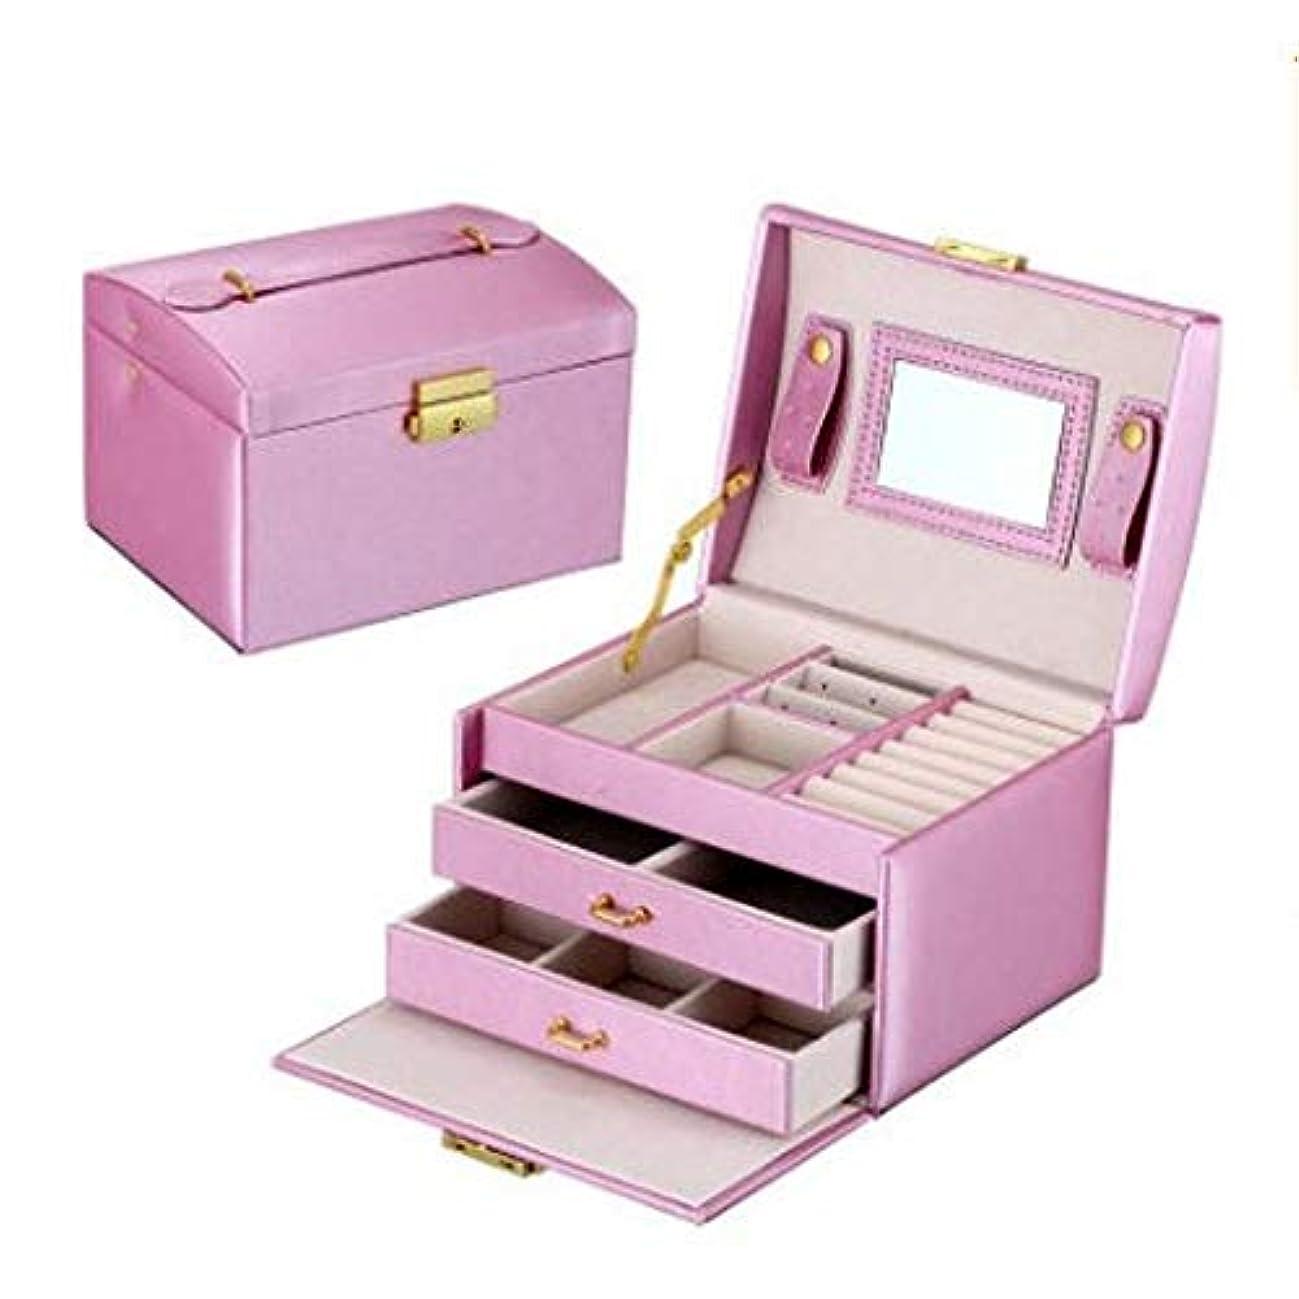 混沌同情領域特大スペース収納ビューティーボックス 大型人工皮革トラベルジュエリーボックス収納ボックスディスプレイリングイヤリングネックレス(5色オプション) 化粧品化粧台 (色 : Purple pink)